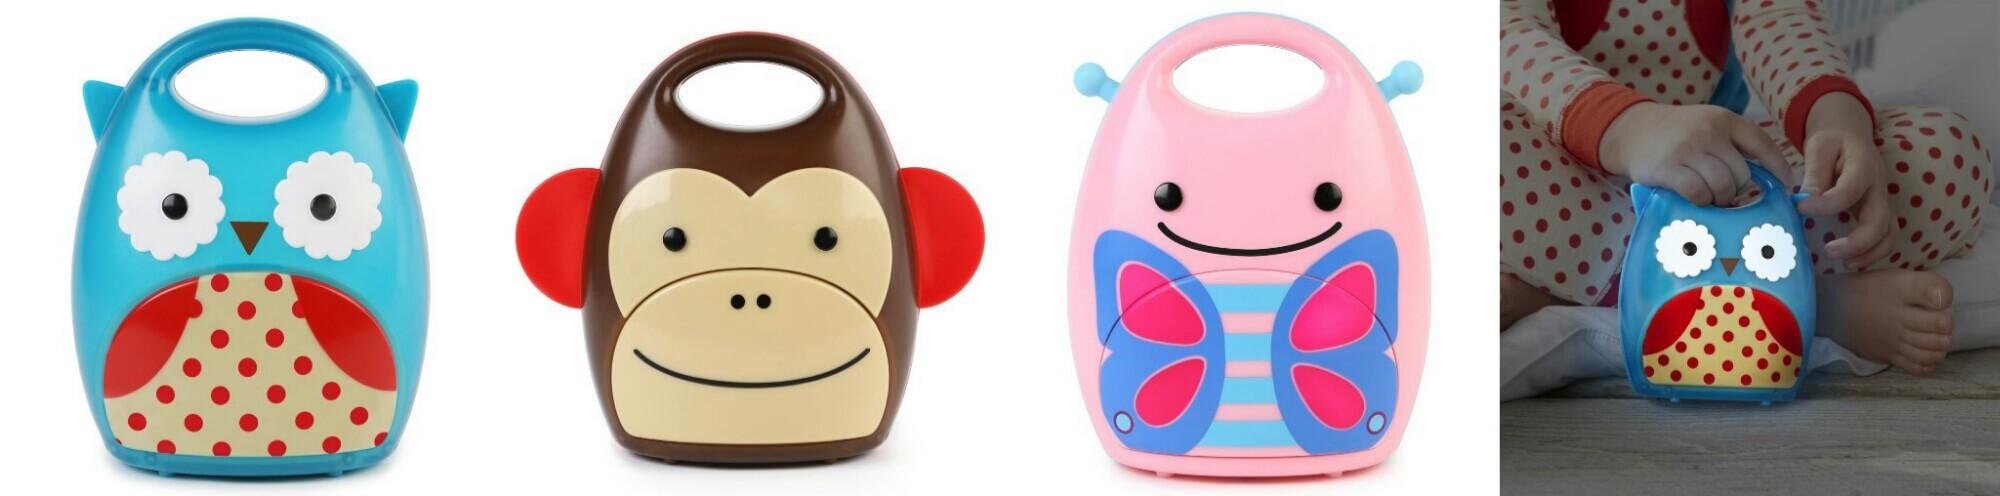 Baby kamer idee dieren - Idee voor babykamer ...